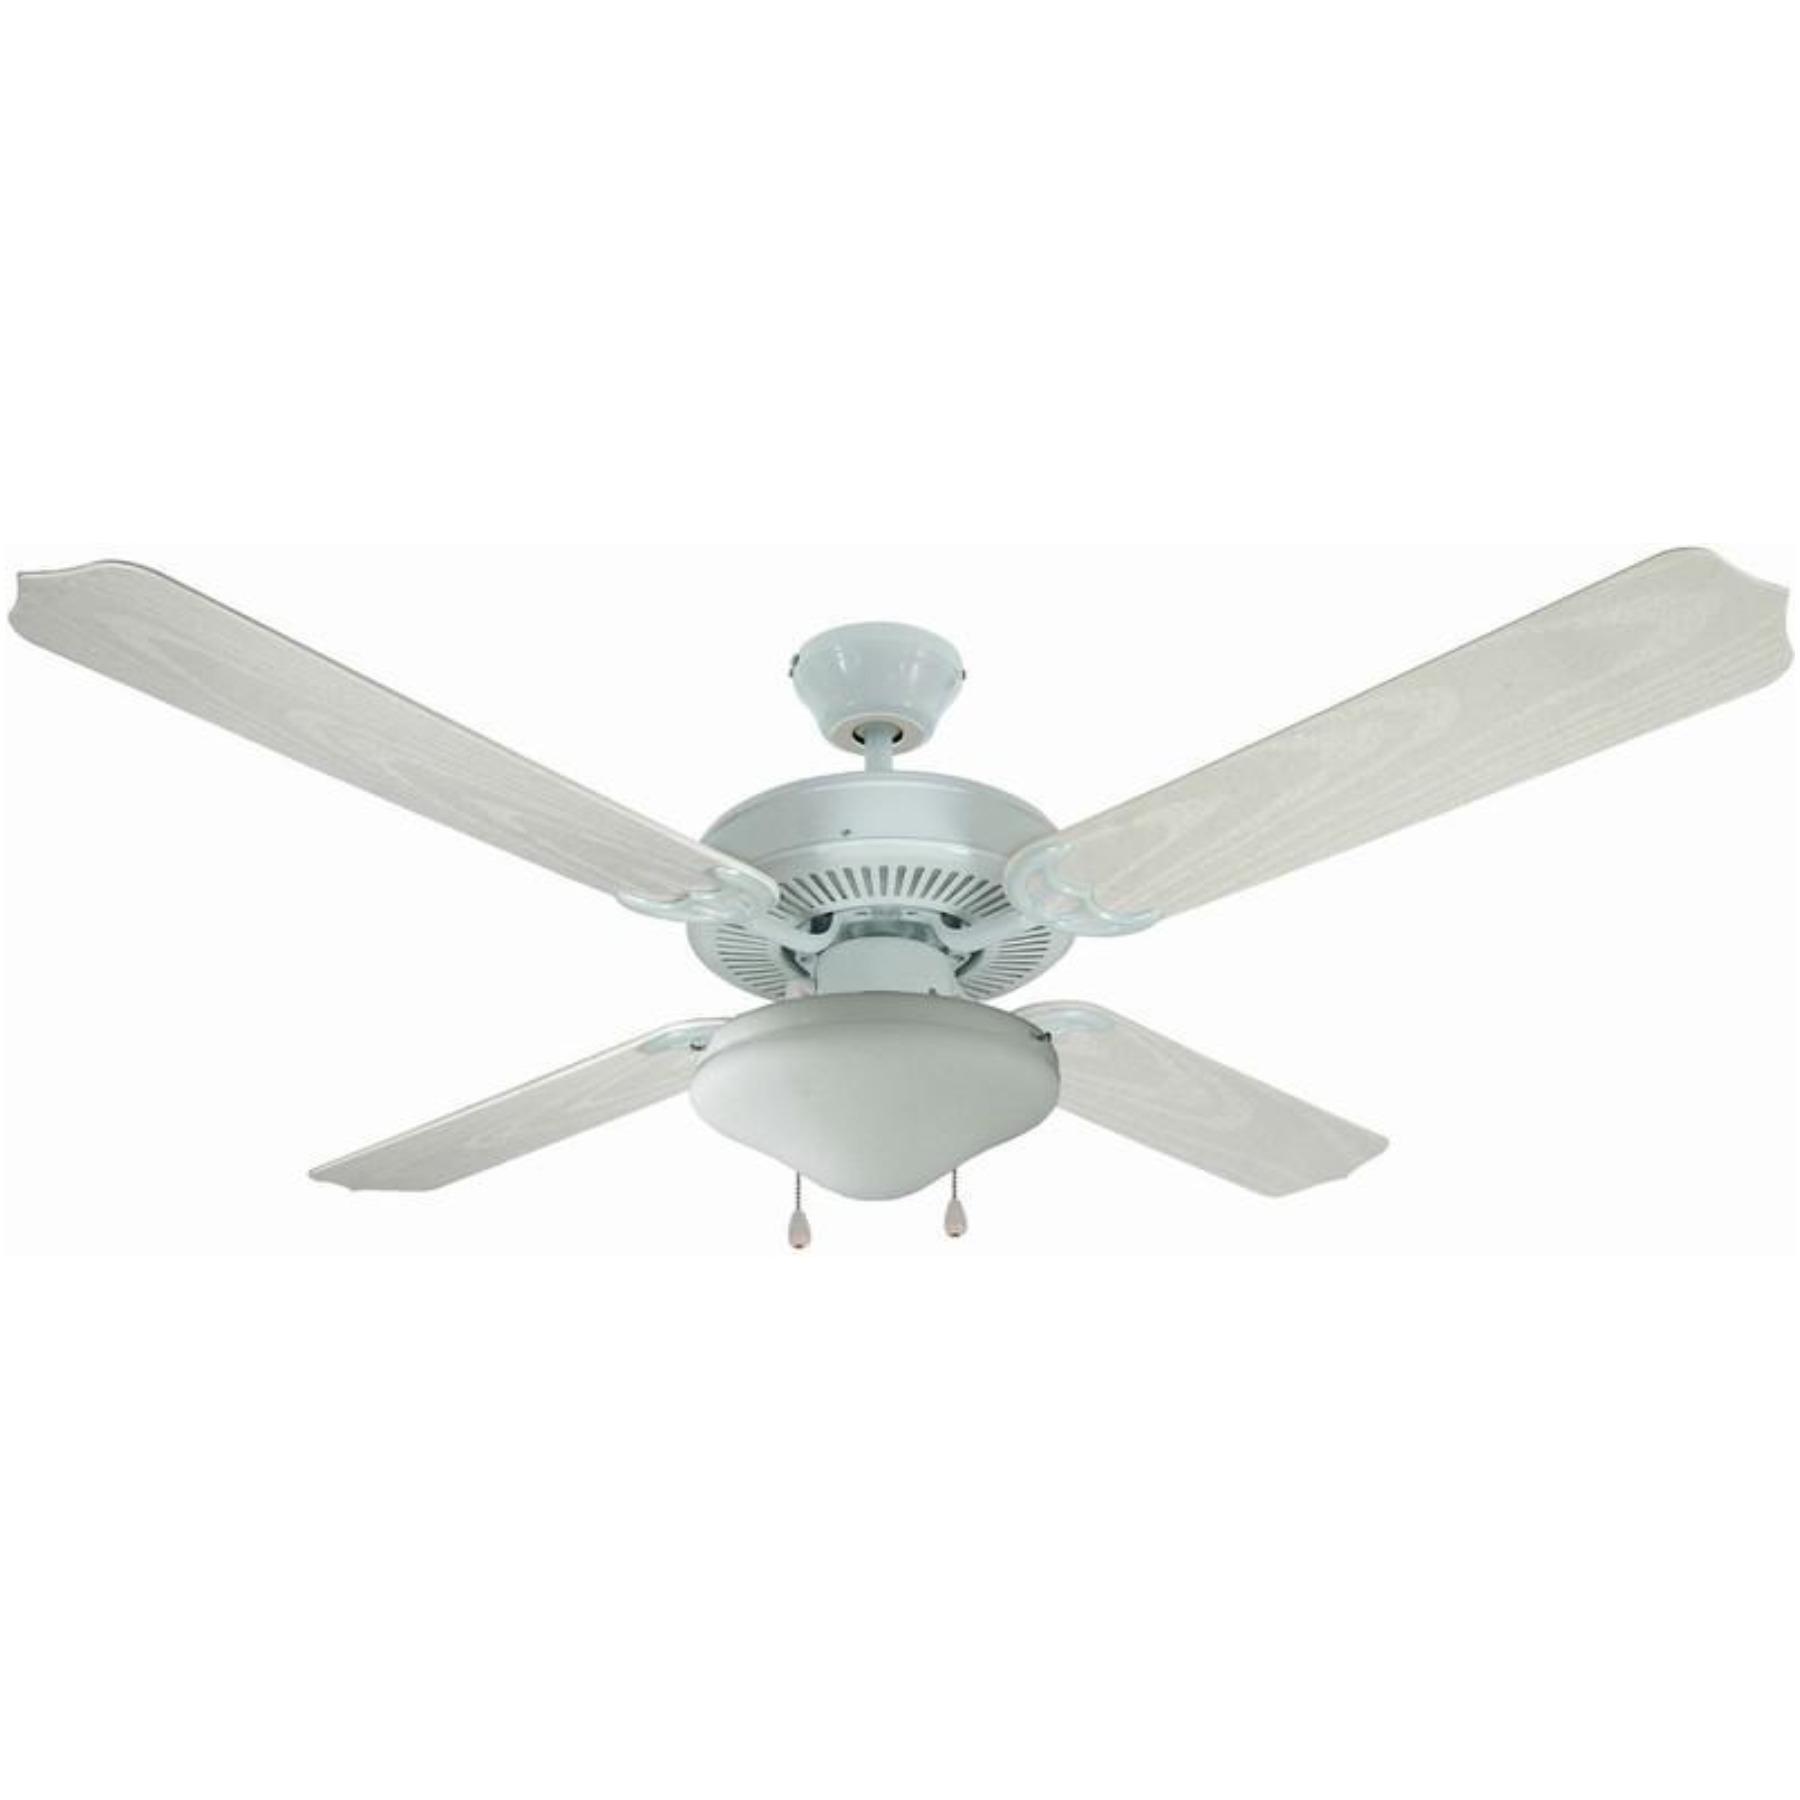 12-6977 White 52 In. Ceiling Fan